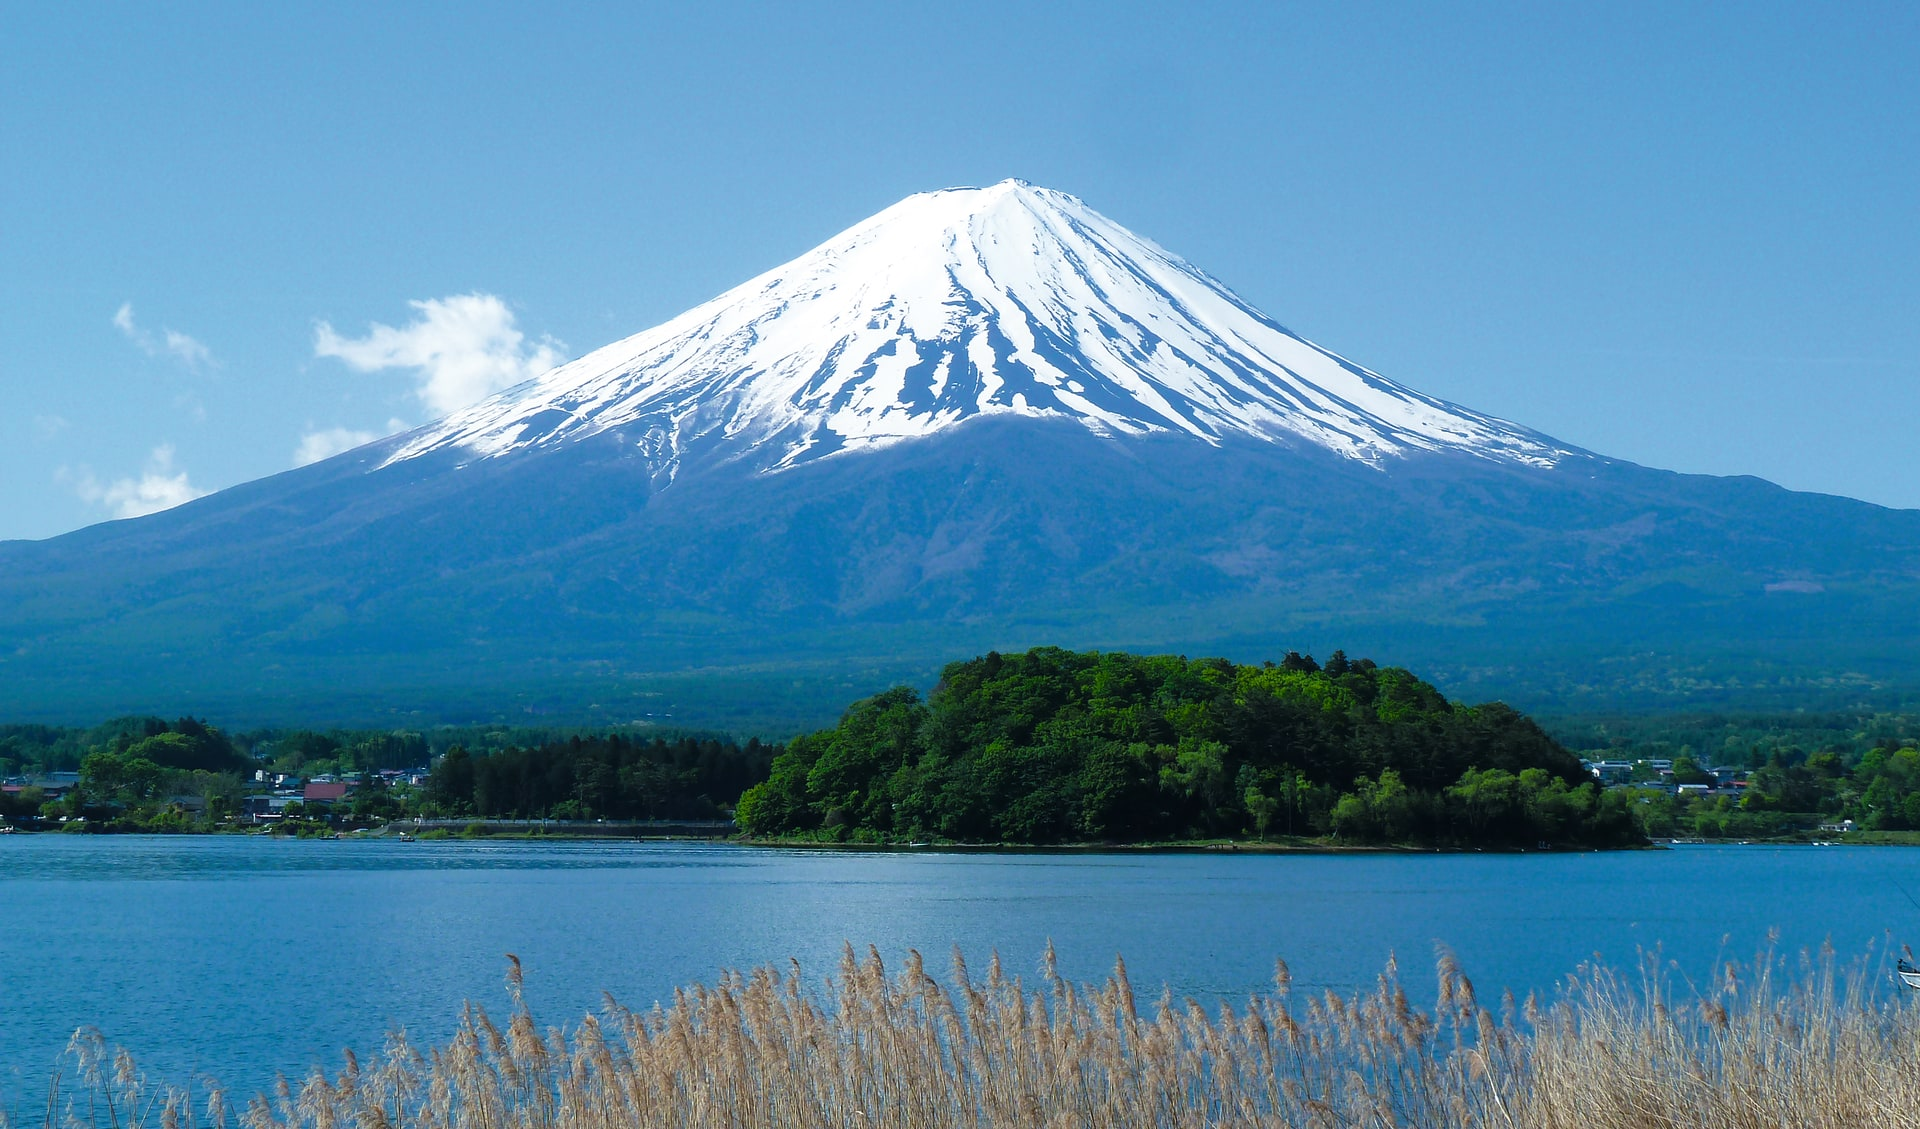 Leserreise Luzerner Zeitung Japan Rundreise ab Tokio: Japan Berg und See